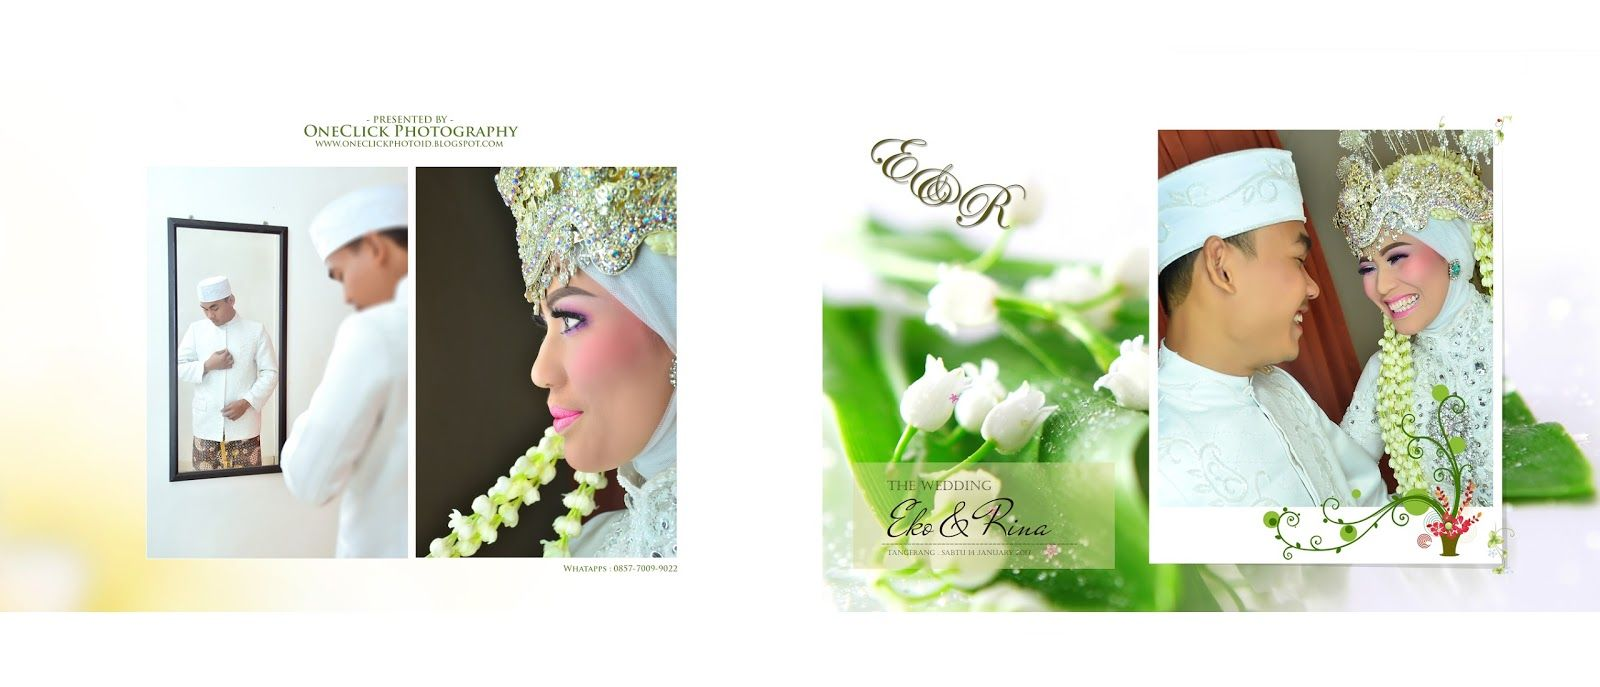 Free Download Album Kolase Template Psd Photoshop Jasa Photographer Wedding Prewedding Tangerang Gambar Pengantin Photoshop Foto Perkawinan